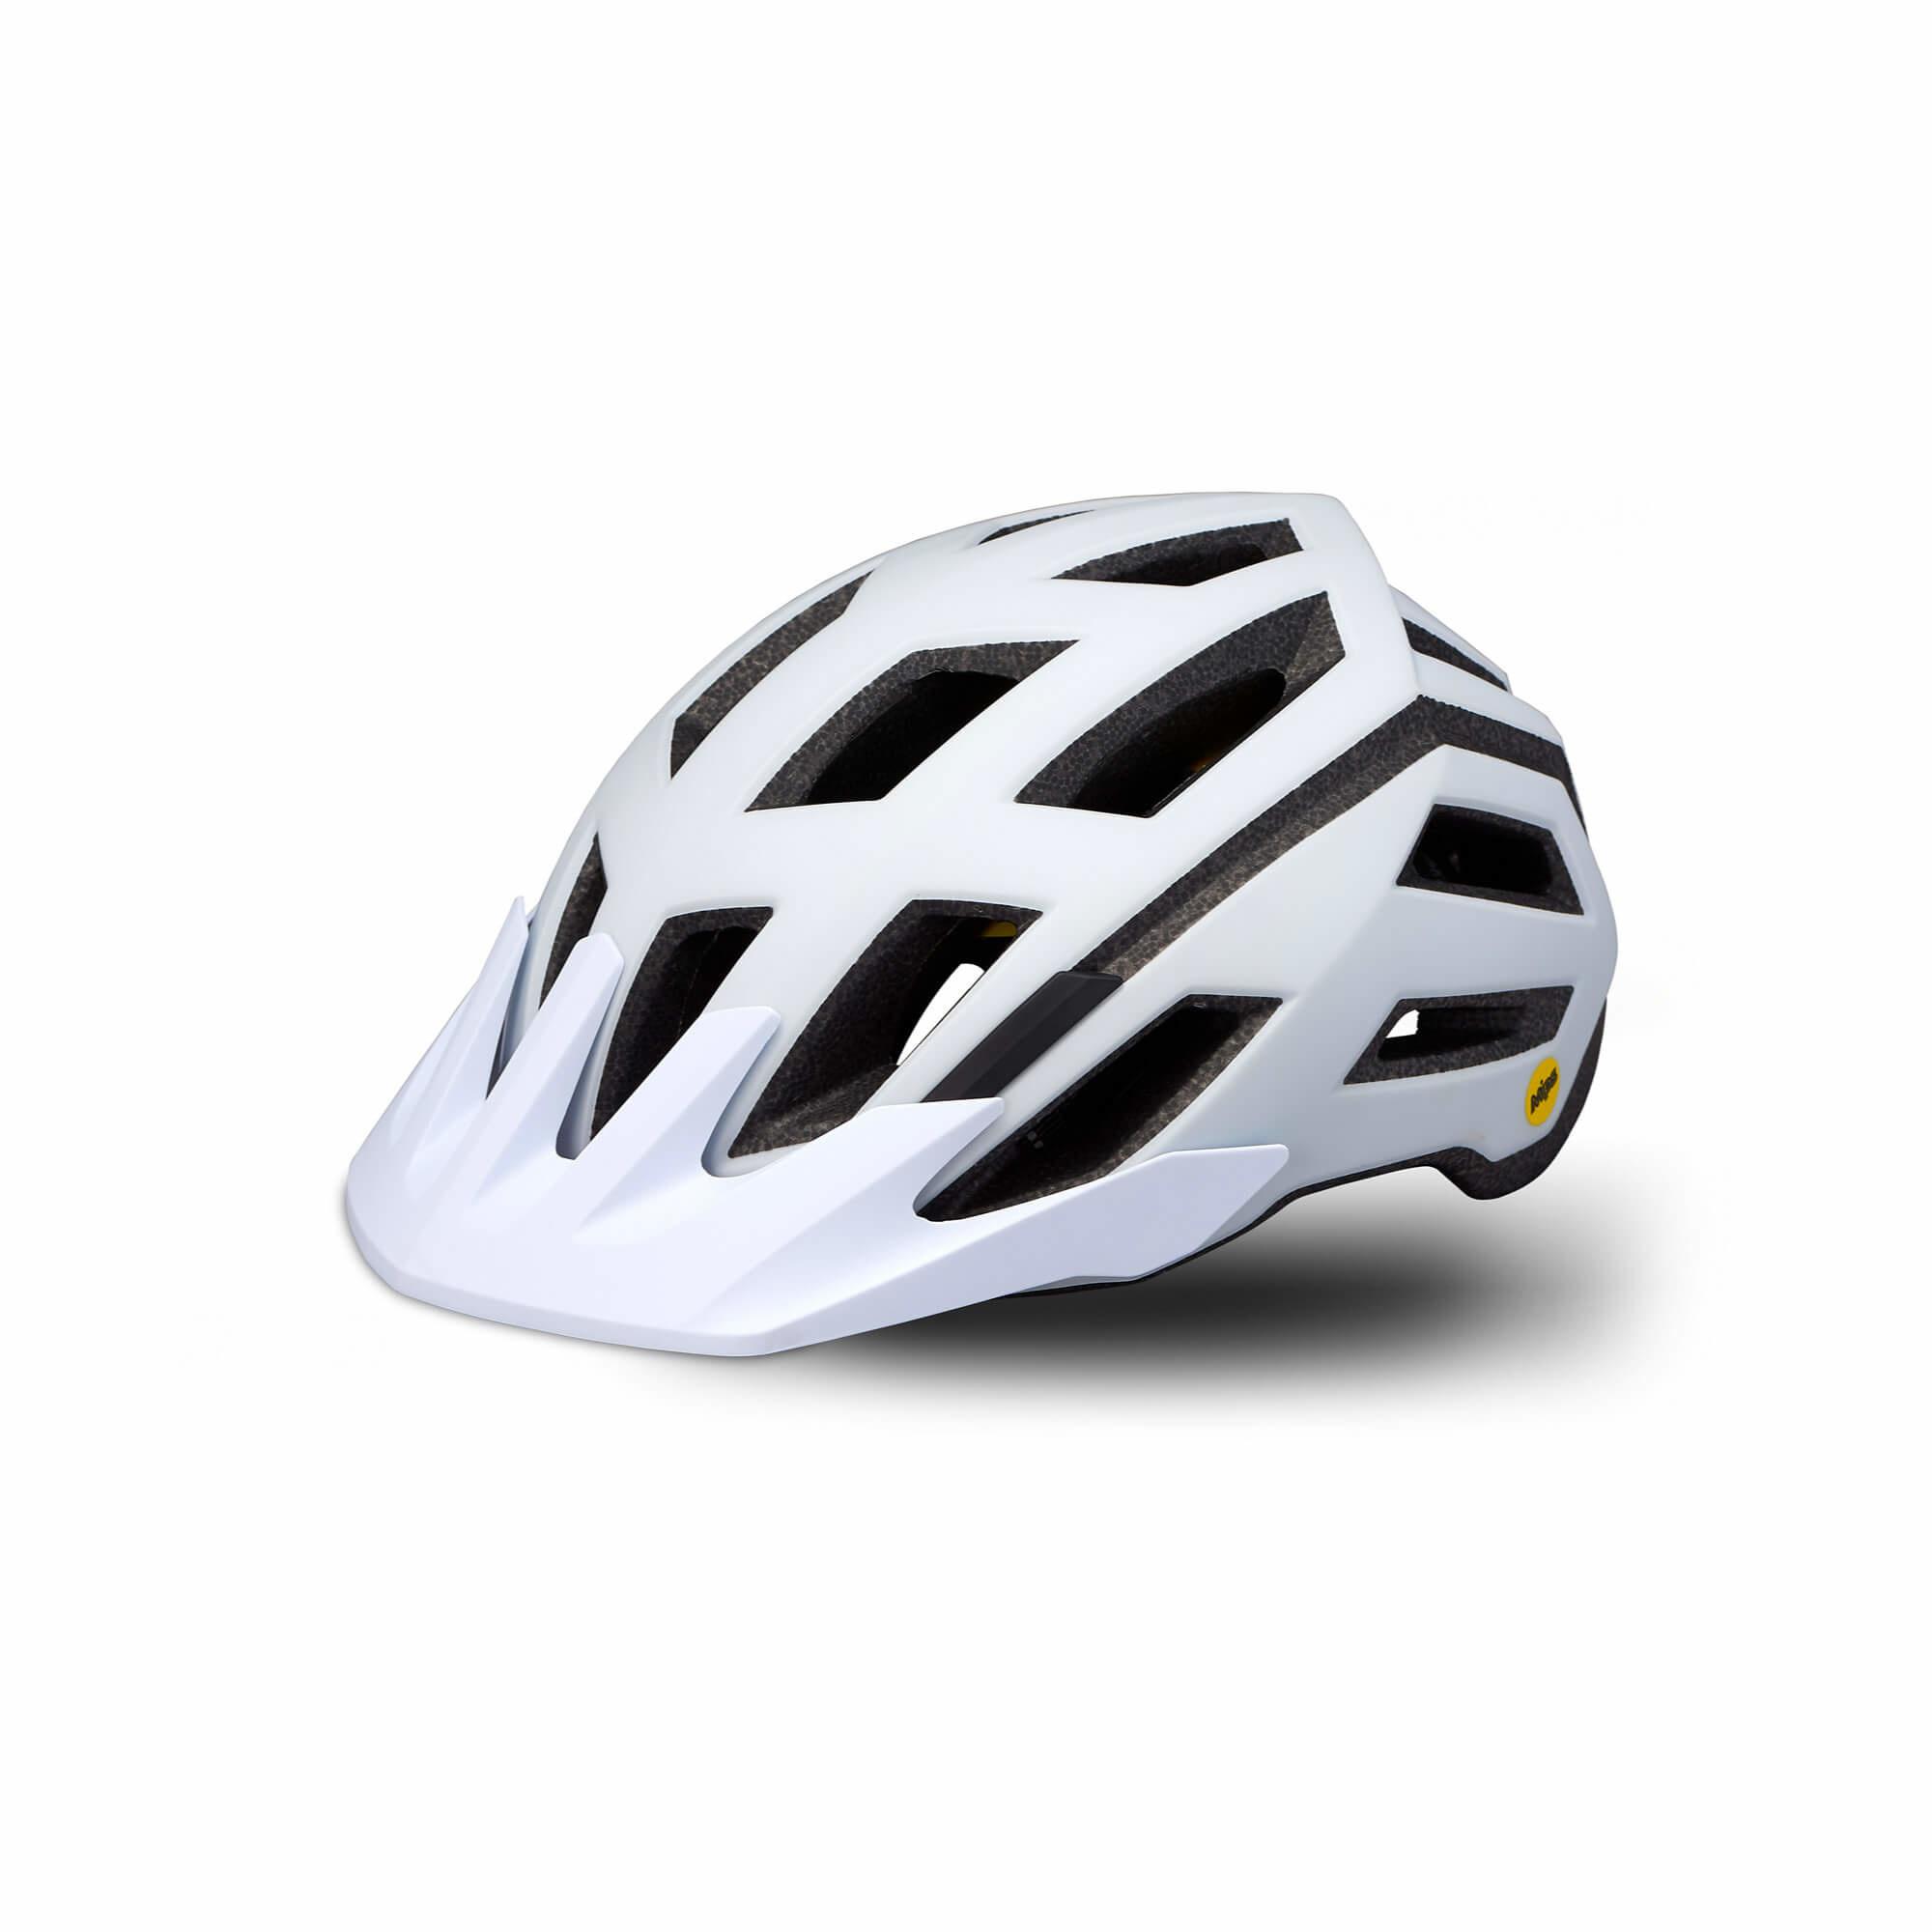 Tactic 3 Helmet Mips-10